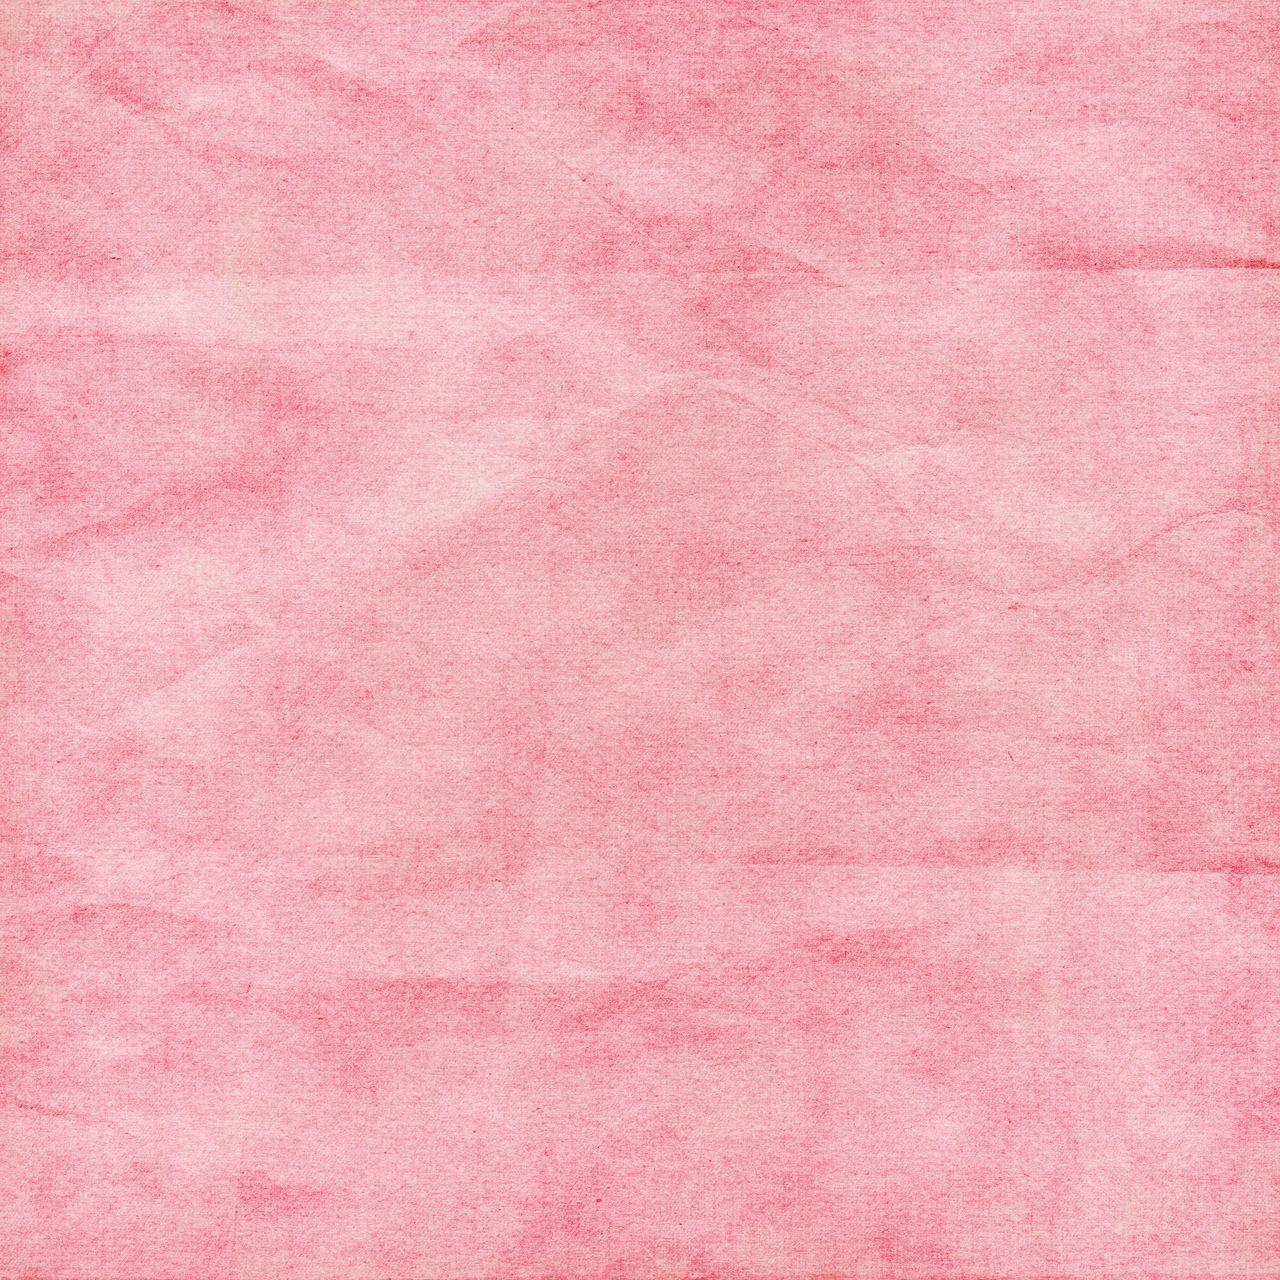 Vintage Paper Alena1984 SP SugarPlumDreams PinkSolid